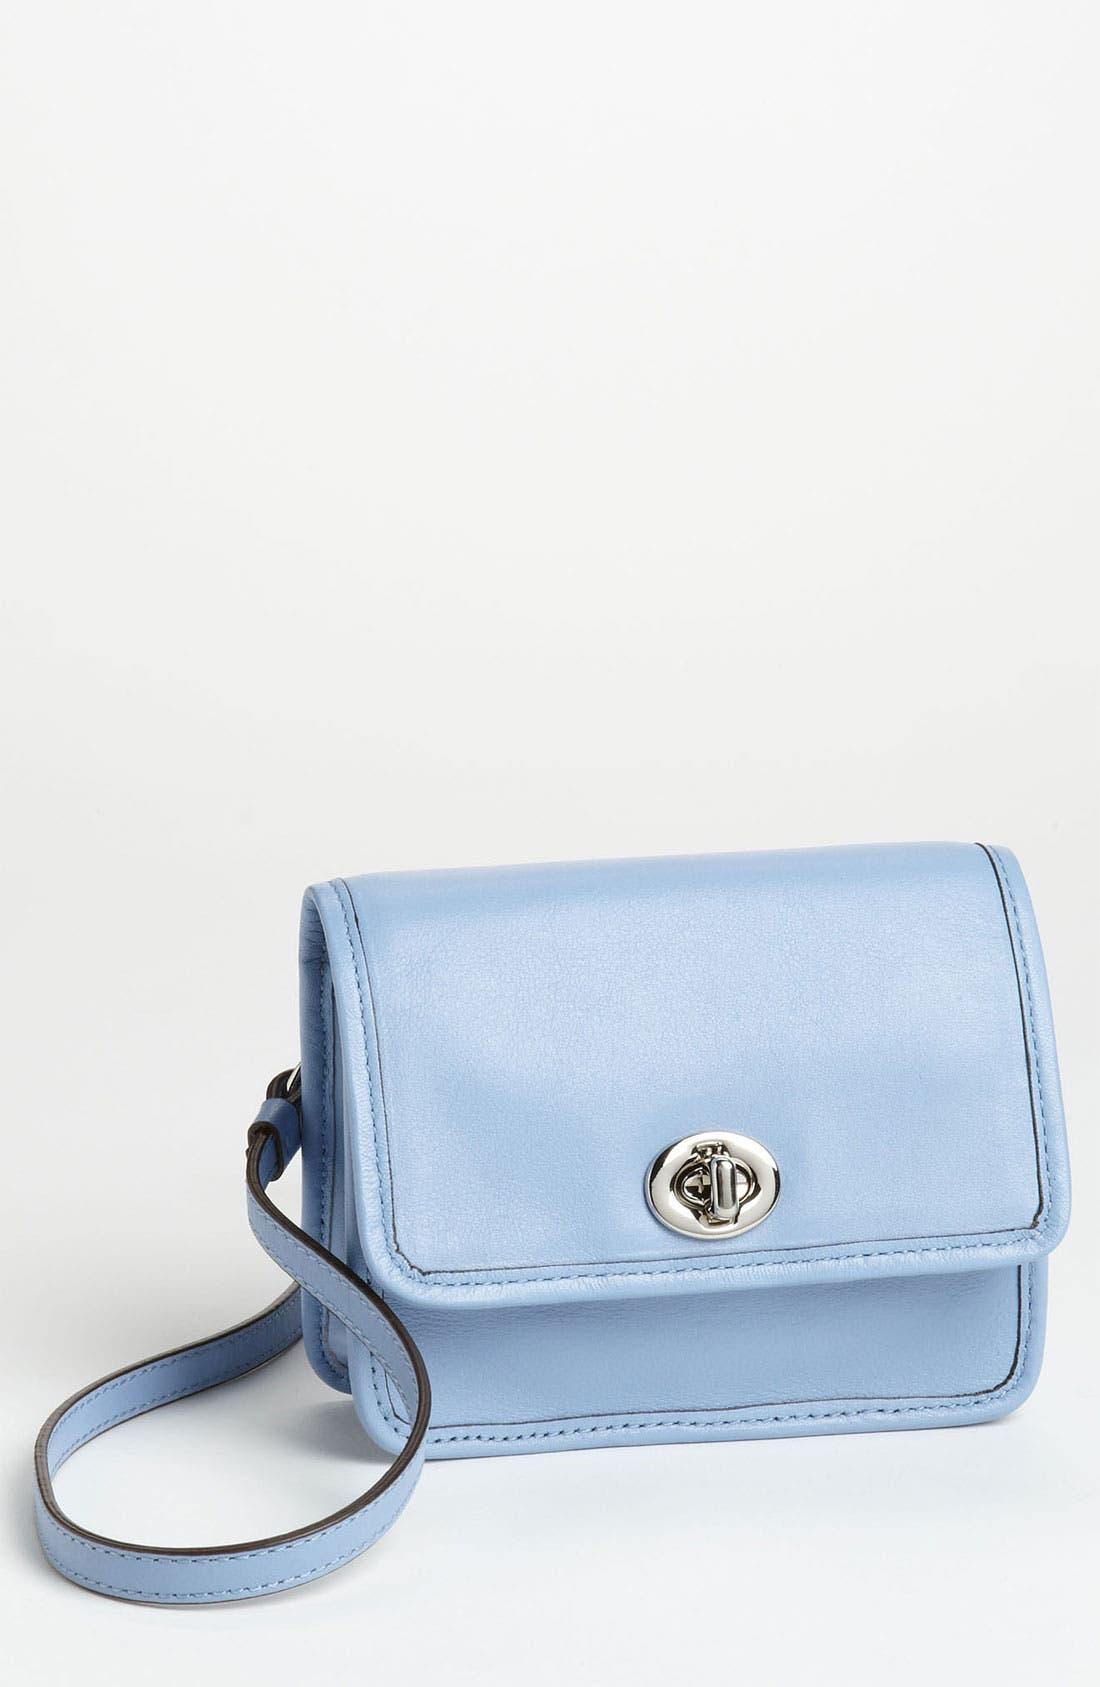 Main Image - COACH 'Legacy - Mini Mini' Leather Crossbody Bag